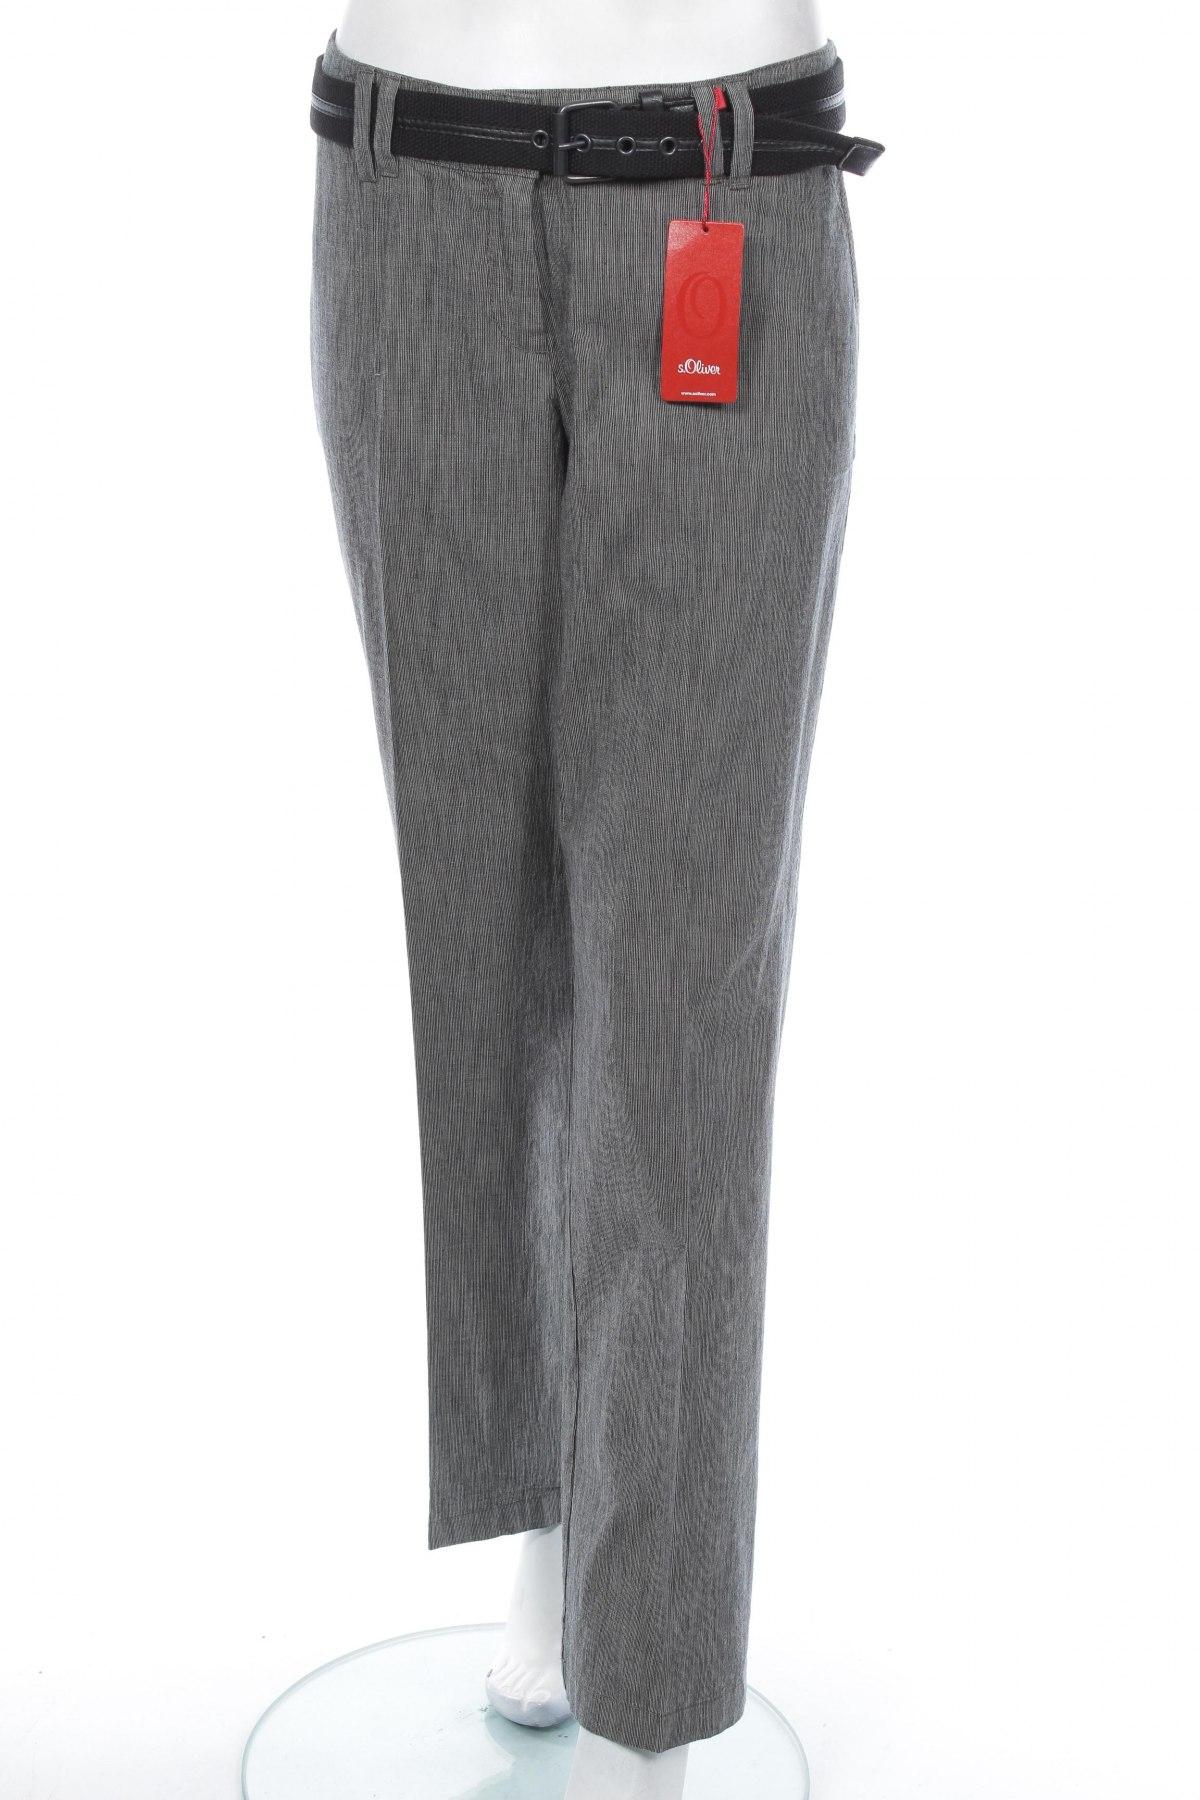 faaa65673 Dámske nohavice S.Oliver - za výhodnú cenu na Remix - #101753355